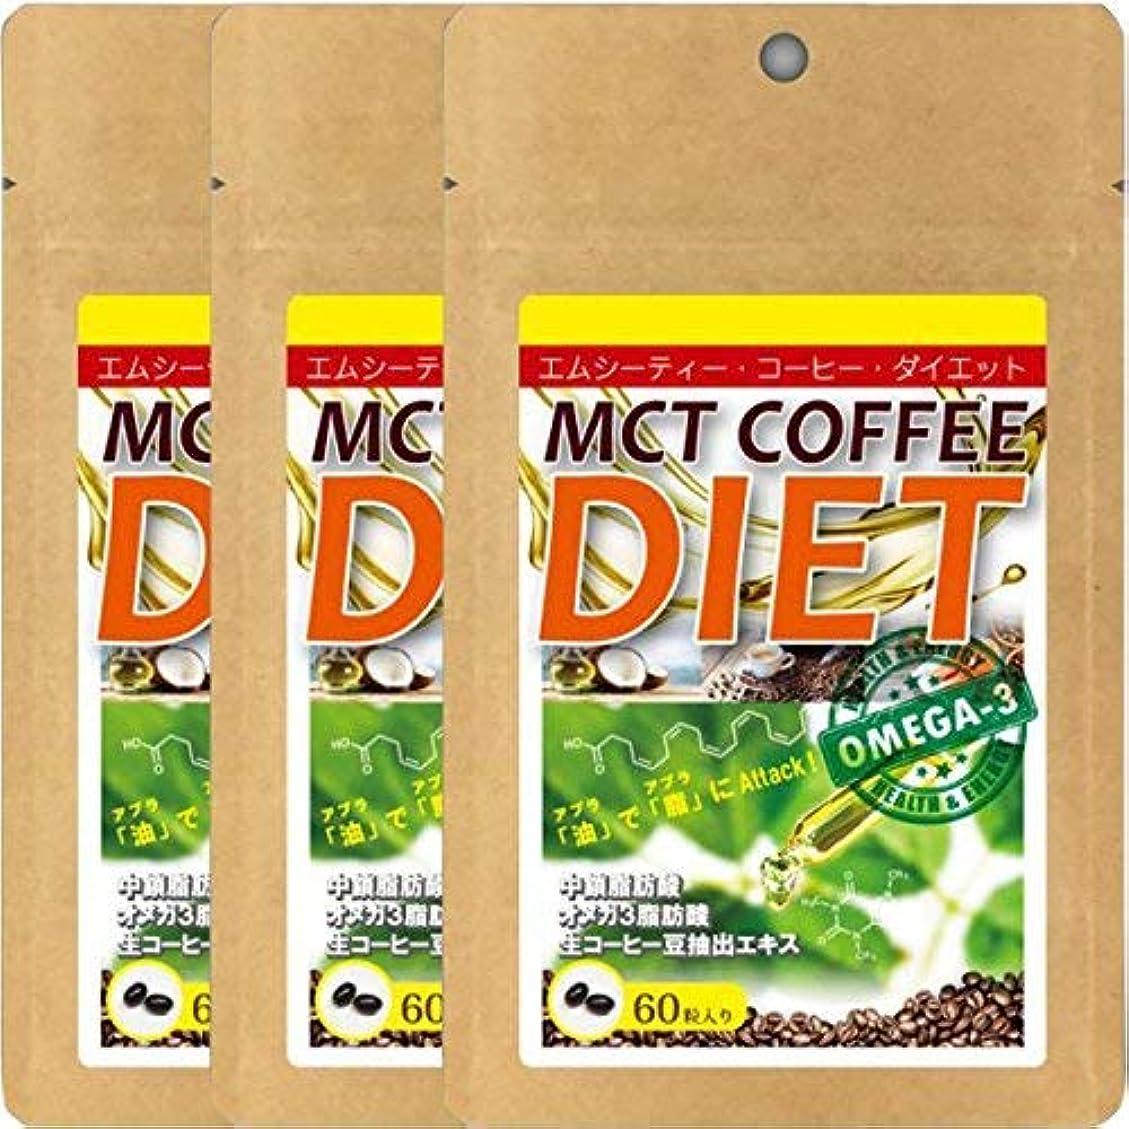 脇にむしろ乳白【MCTオイル】MCTコーヒーダイエット 3個セット 【10% OFF !! 】 60カプセル入り